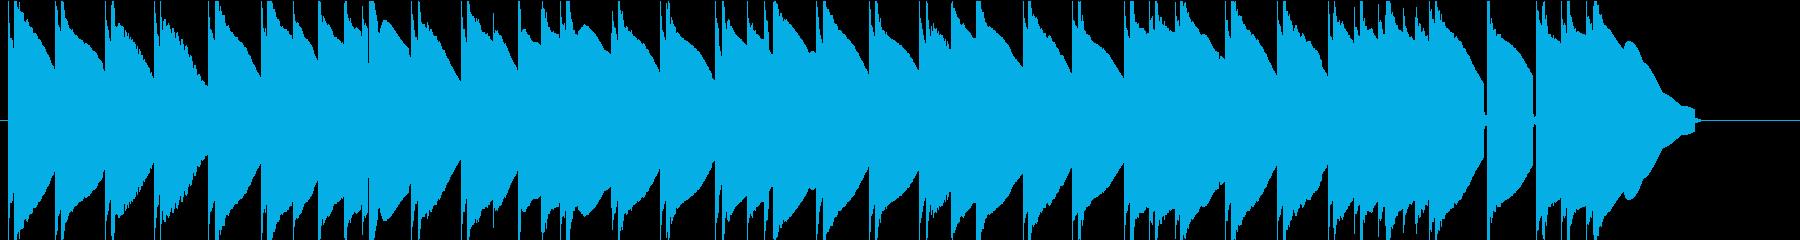 エレピのスローBGMです。の再生済みの波形